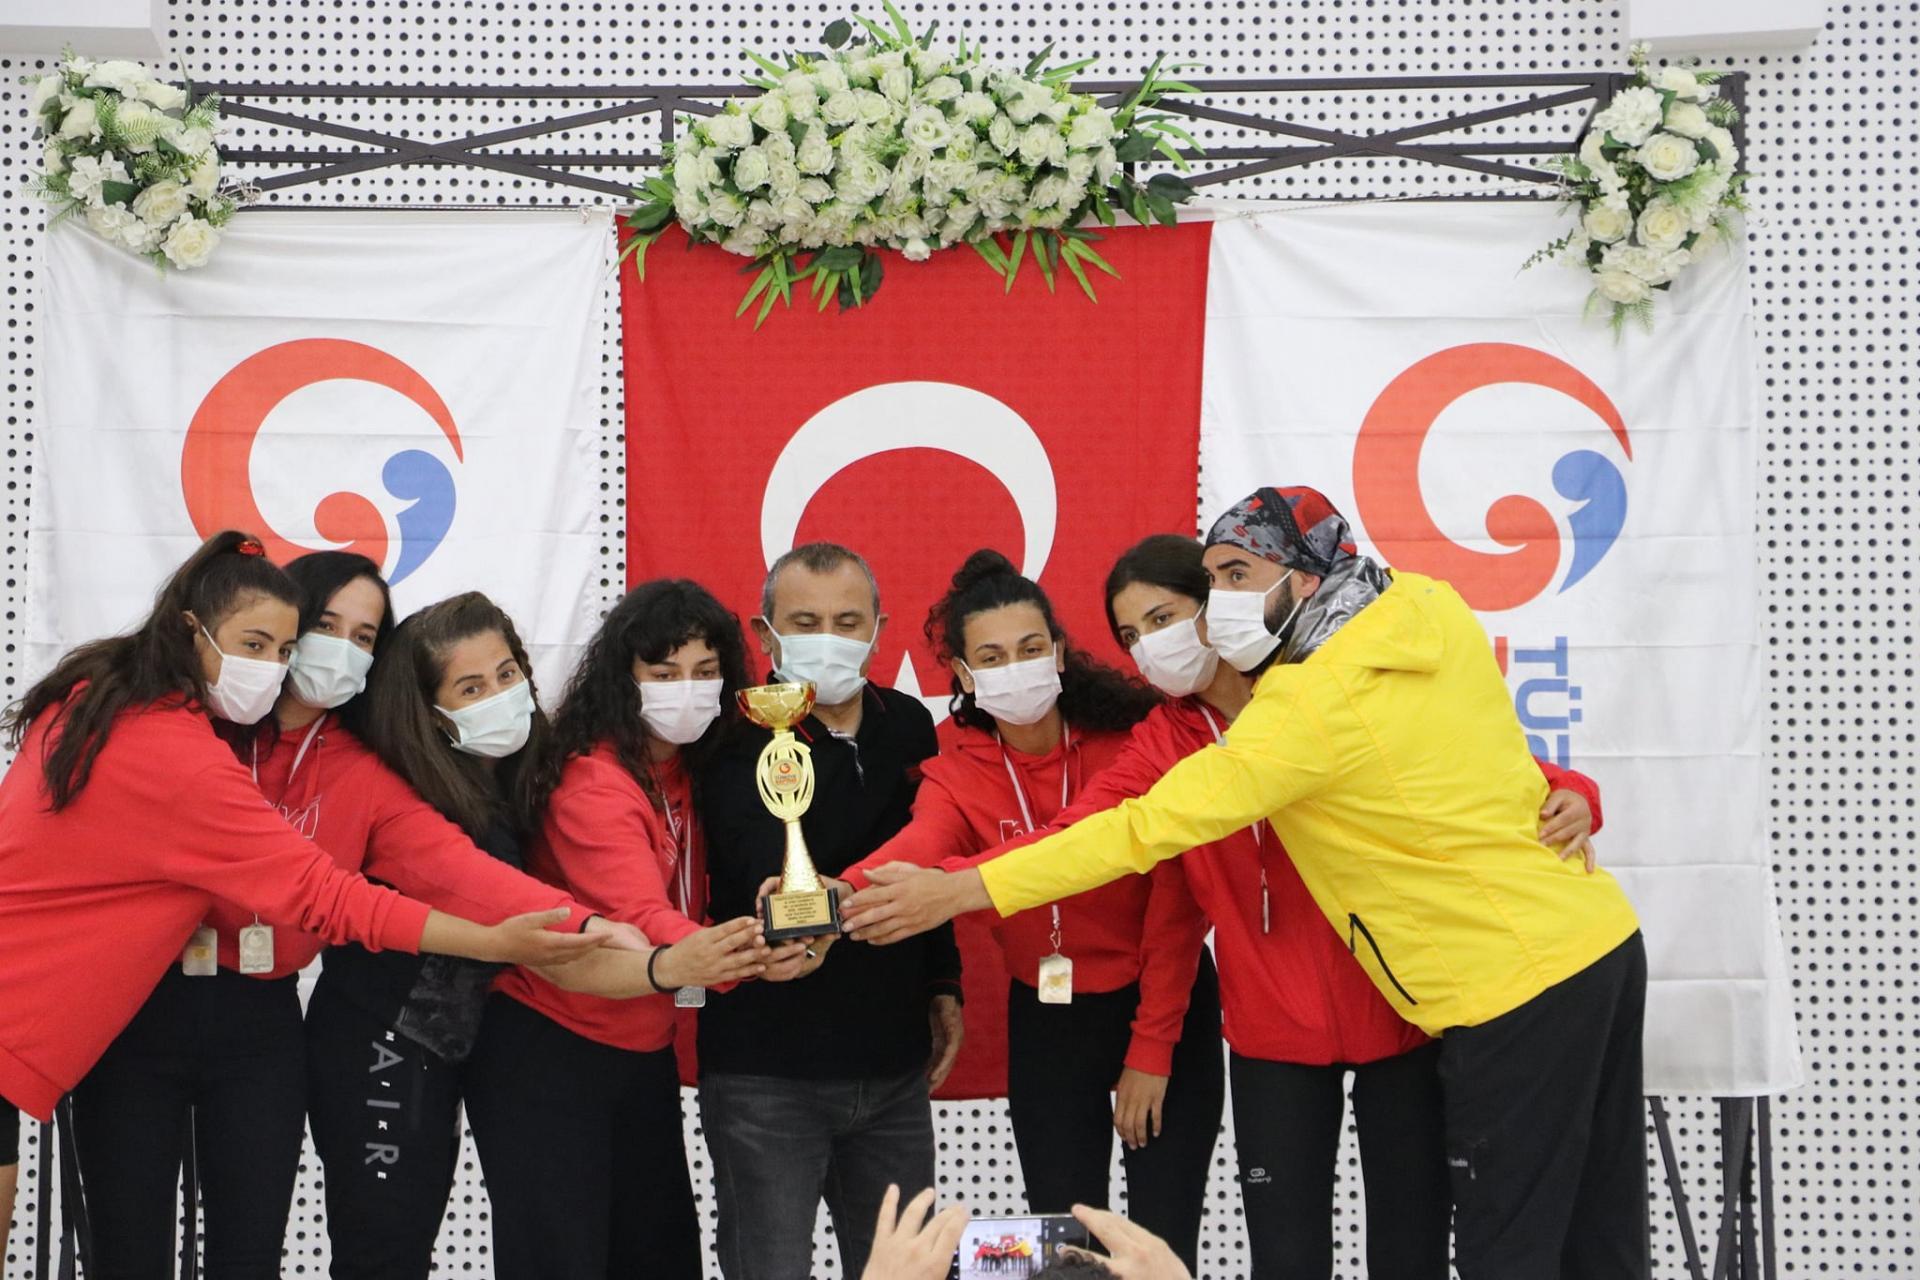 turchiarize21women